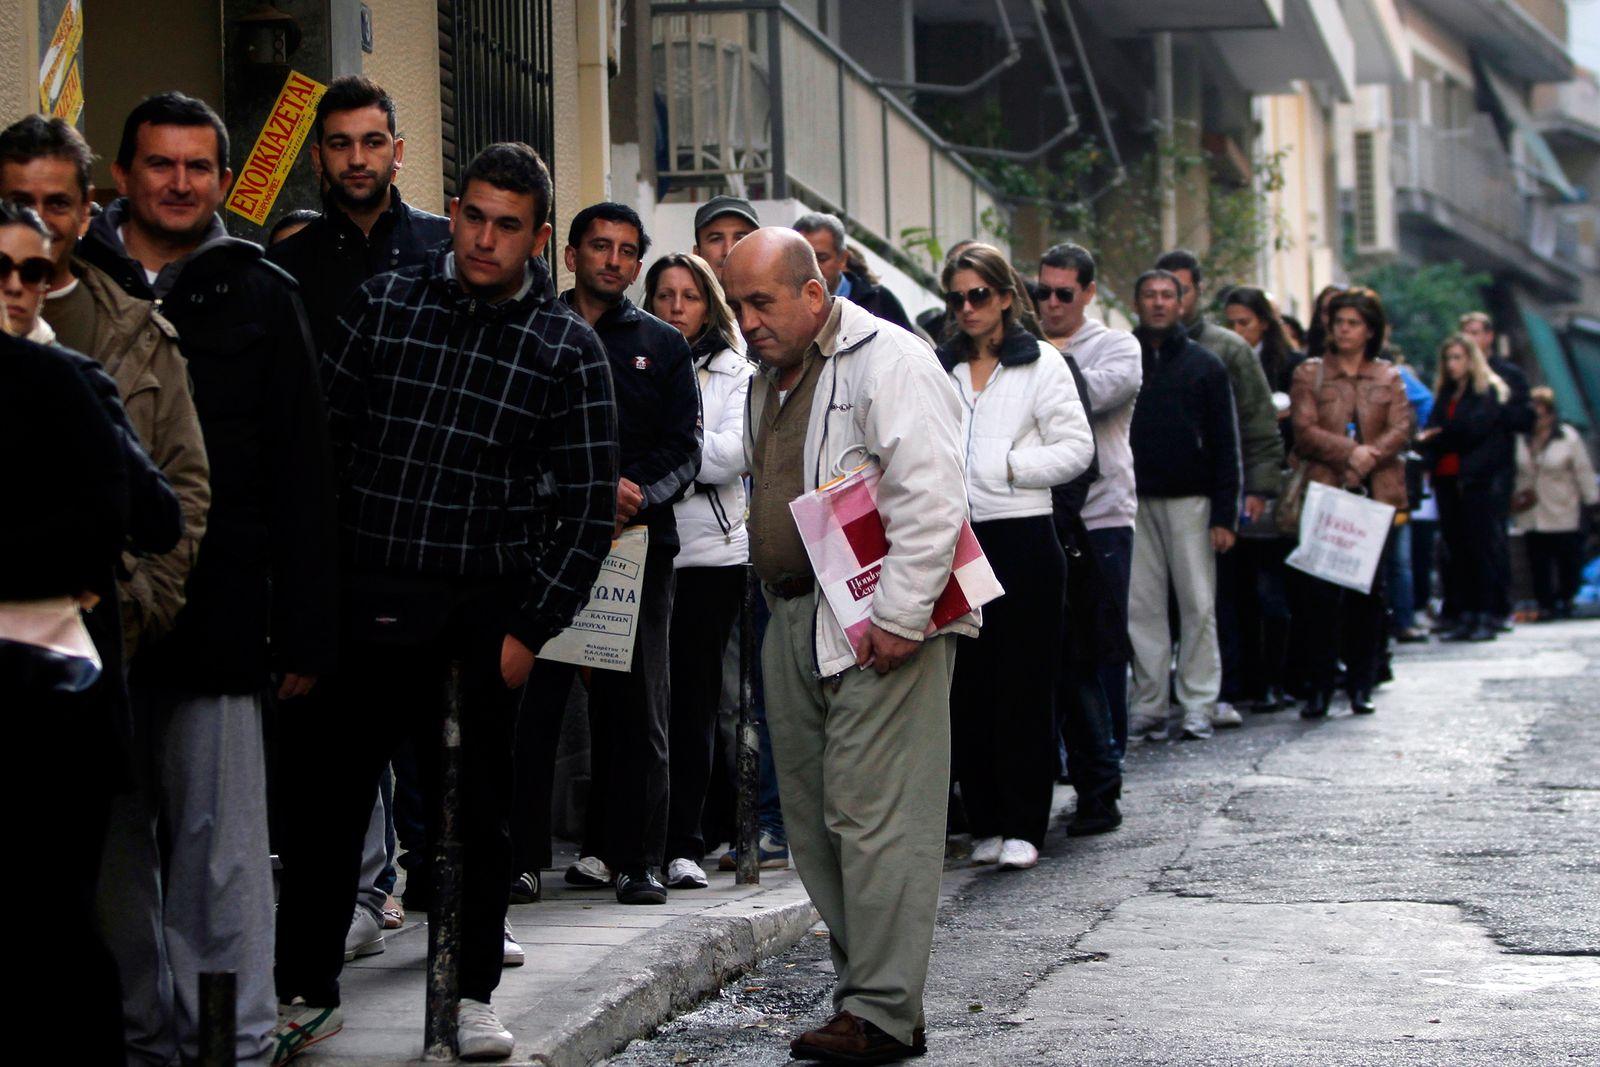 Griechenland / Finanzkrise / Arbeitslose / Arbeitslosigkeit